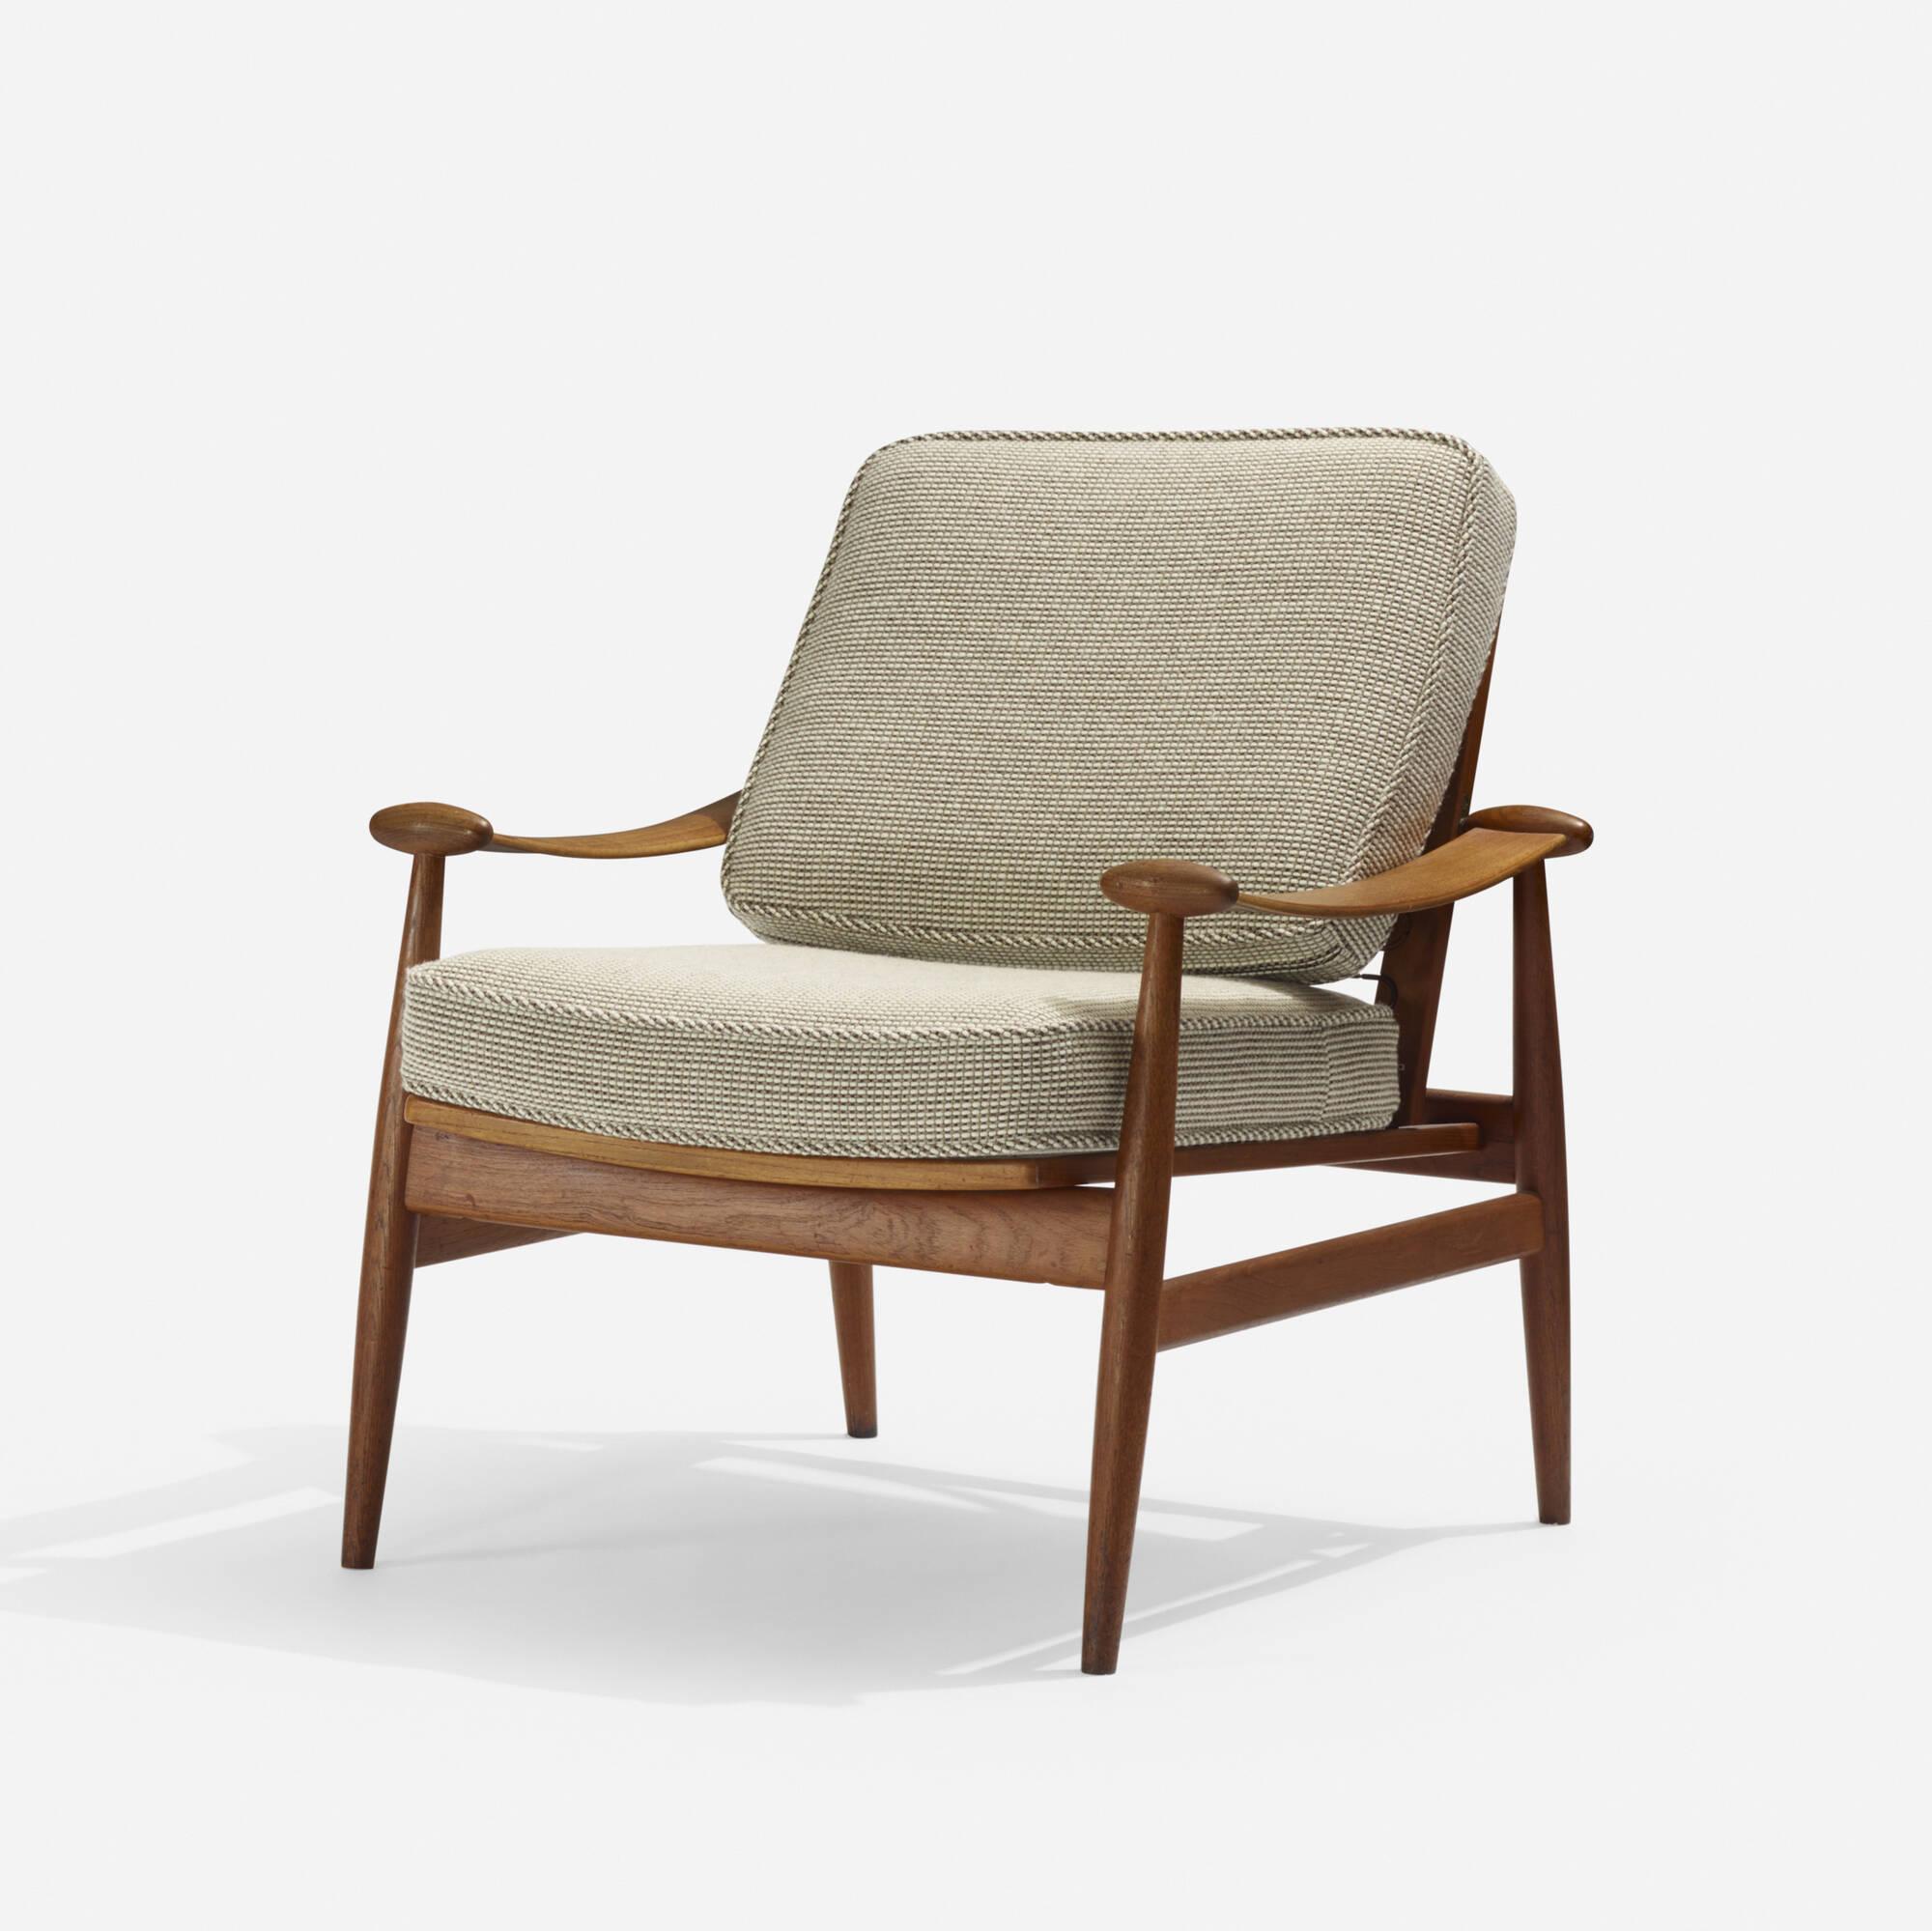 273: Finn Juhl / lounge chair (1 of 3)